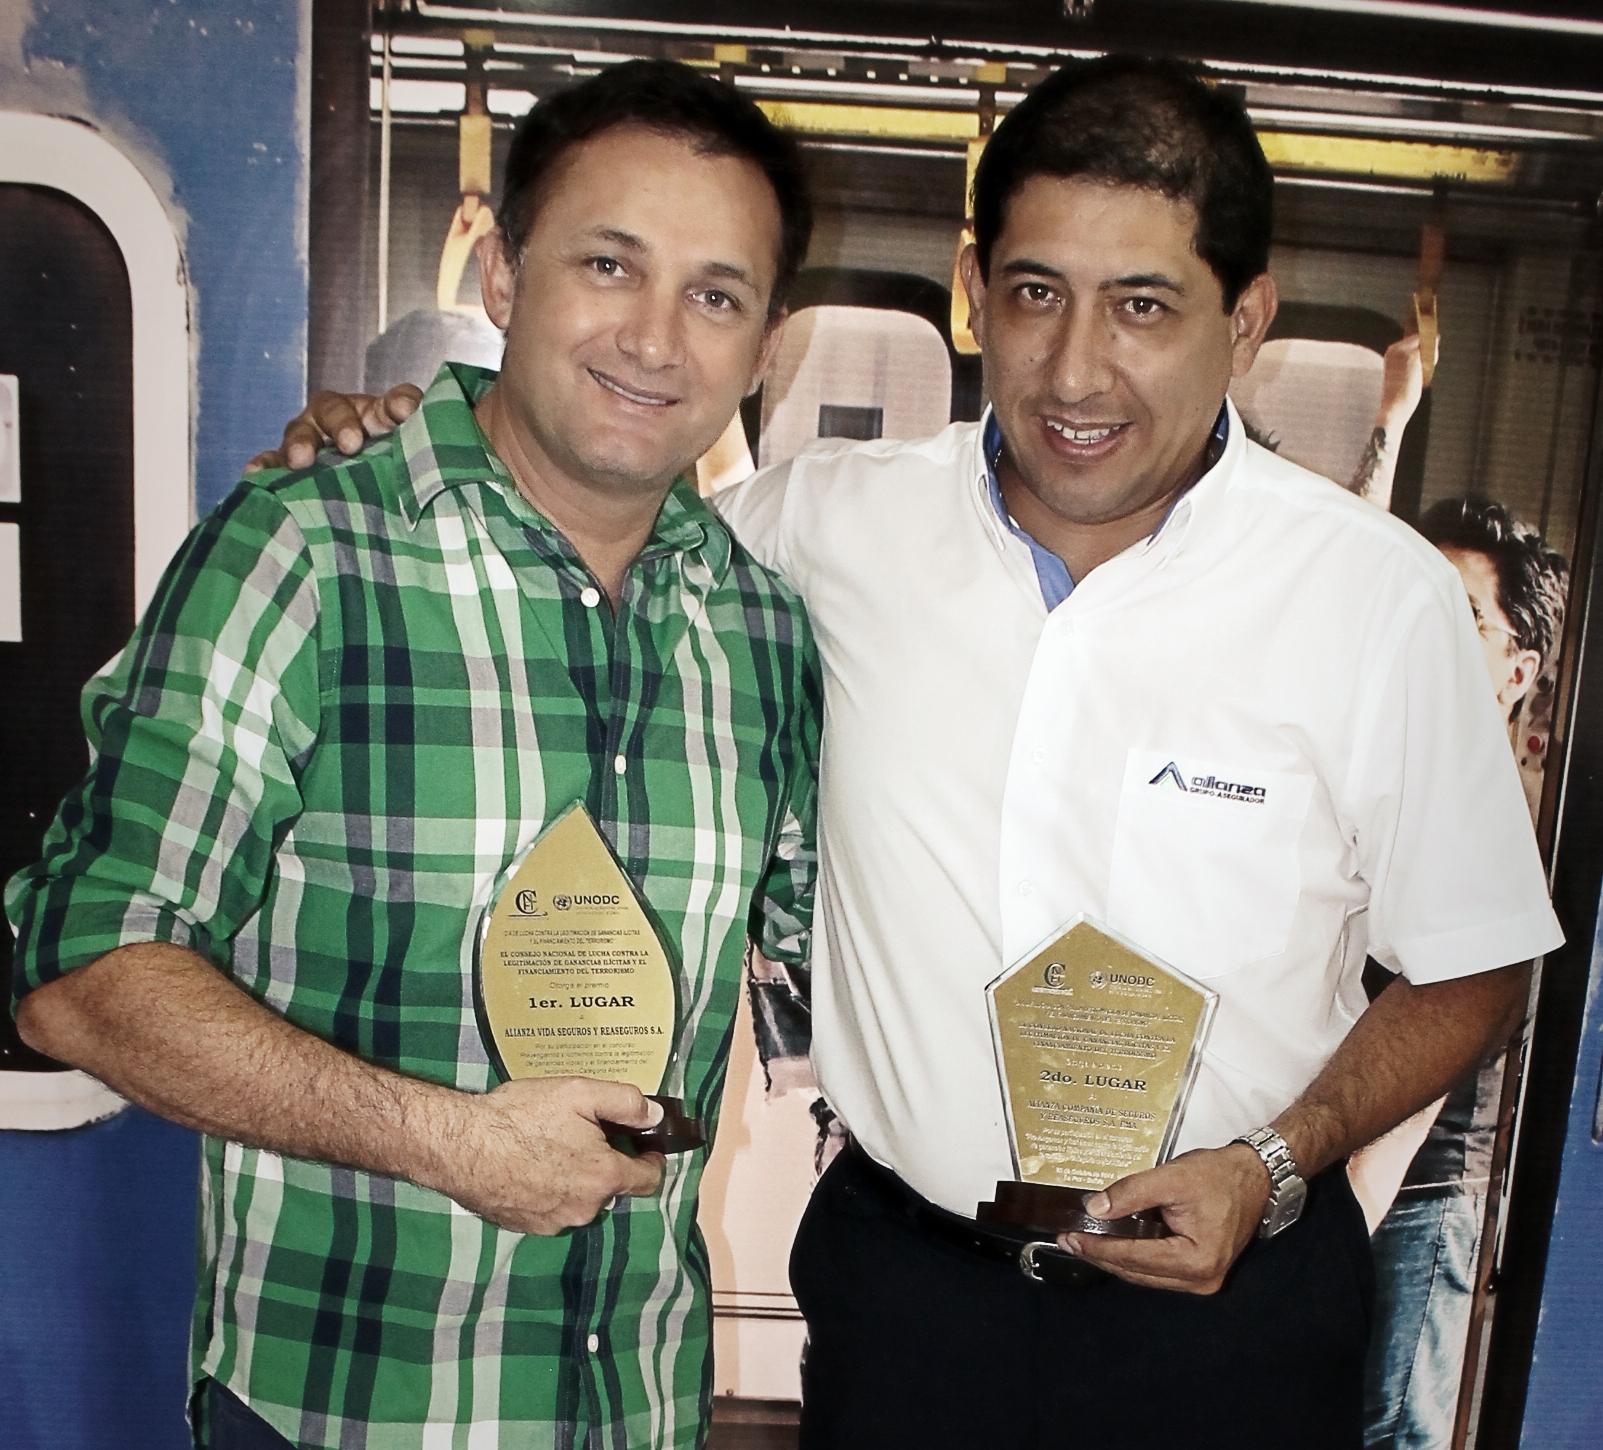 Fernando López, Dir. Ejecutivo de Lola Group y Carlos Quiroga, Jefe Nal. Corporativo de Marketing.